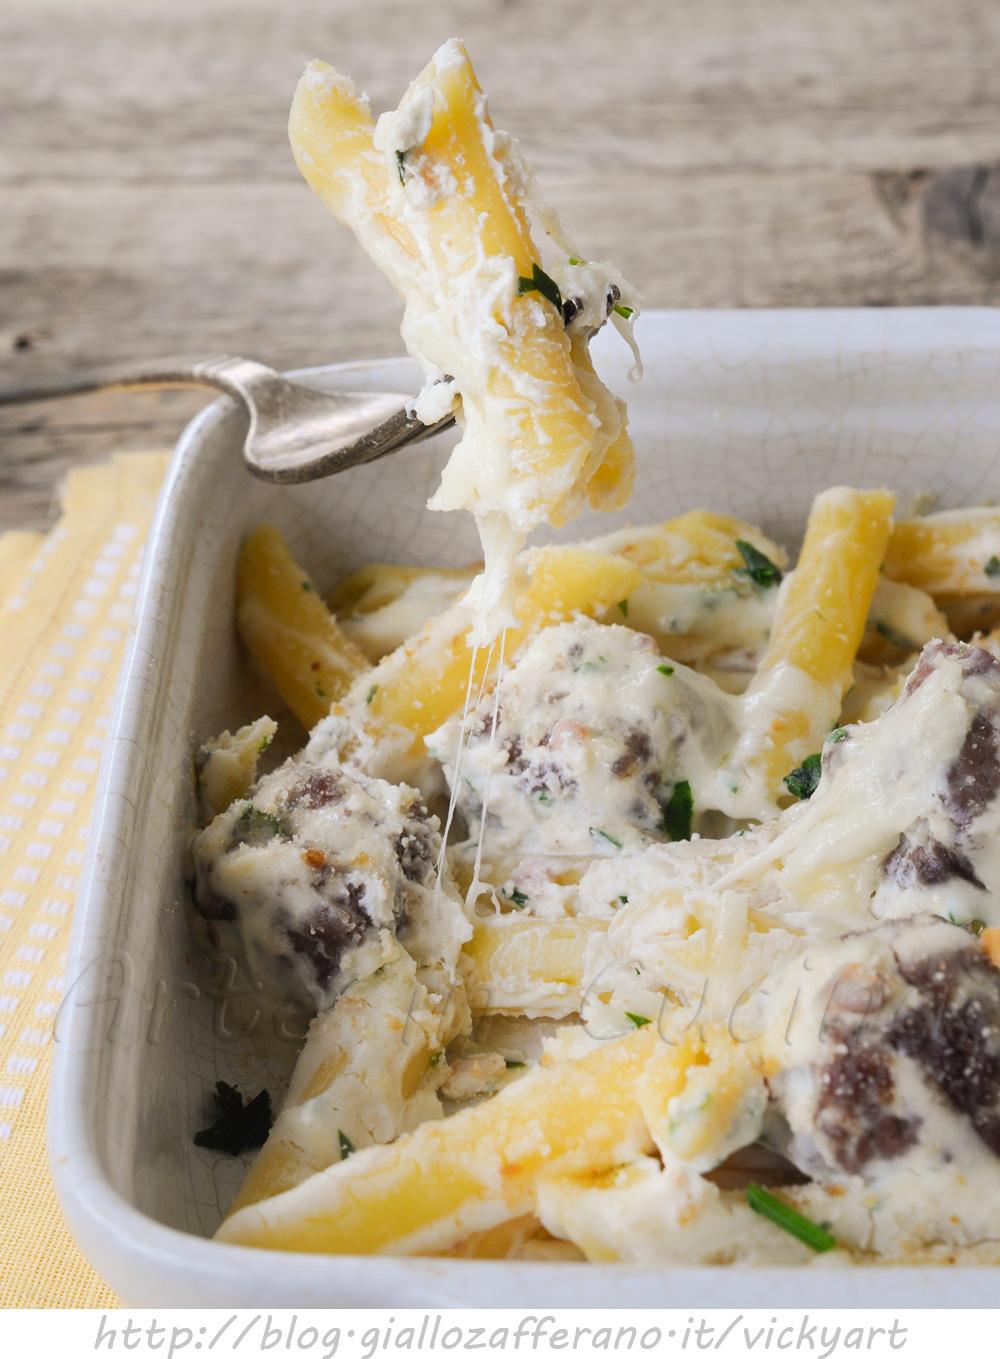 Pasta con polpette e ricotta gratinata al forno vickyart arte in cucina